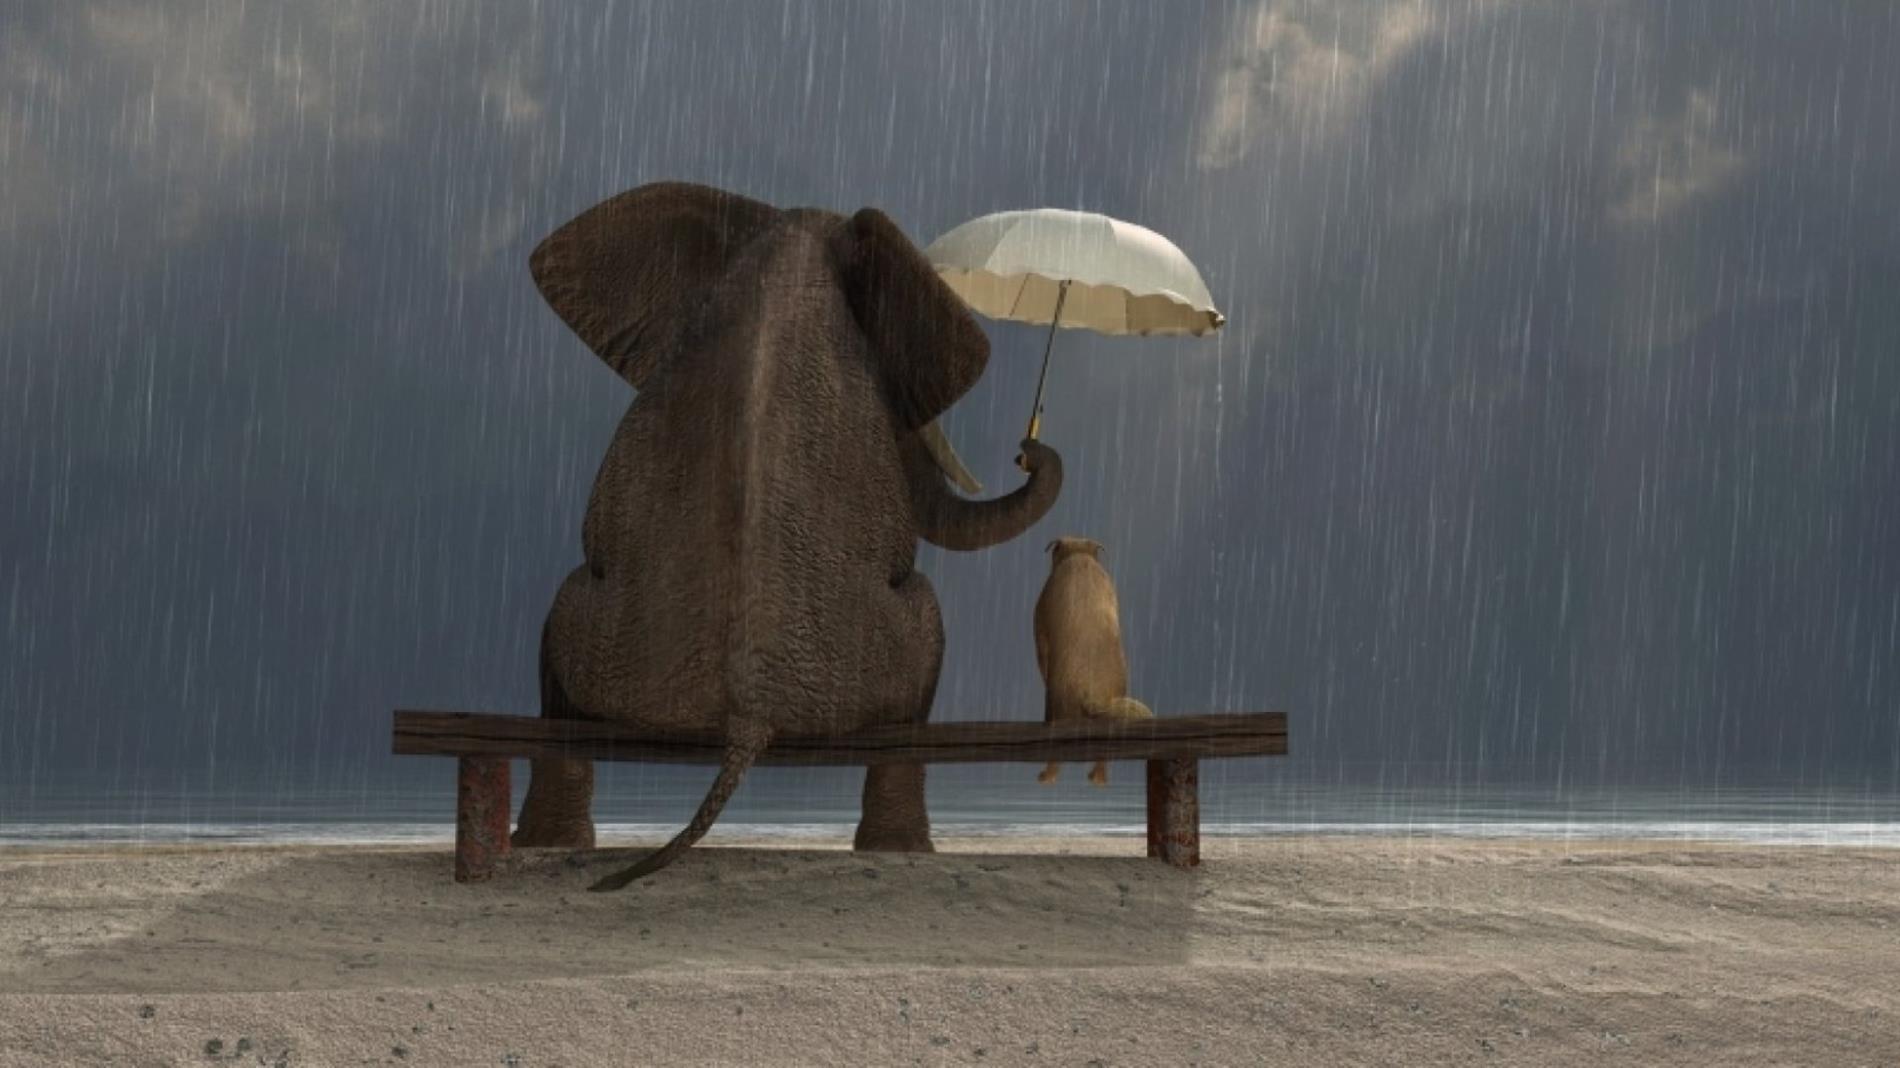 The kind Elephant